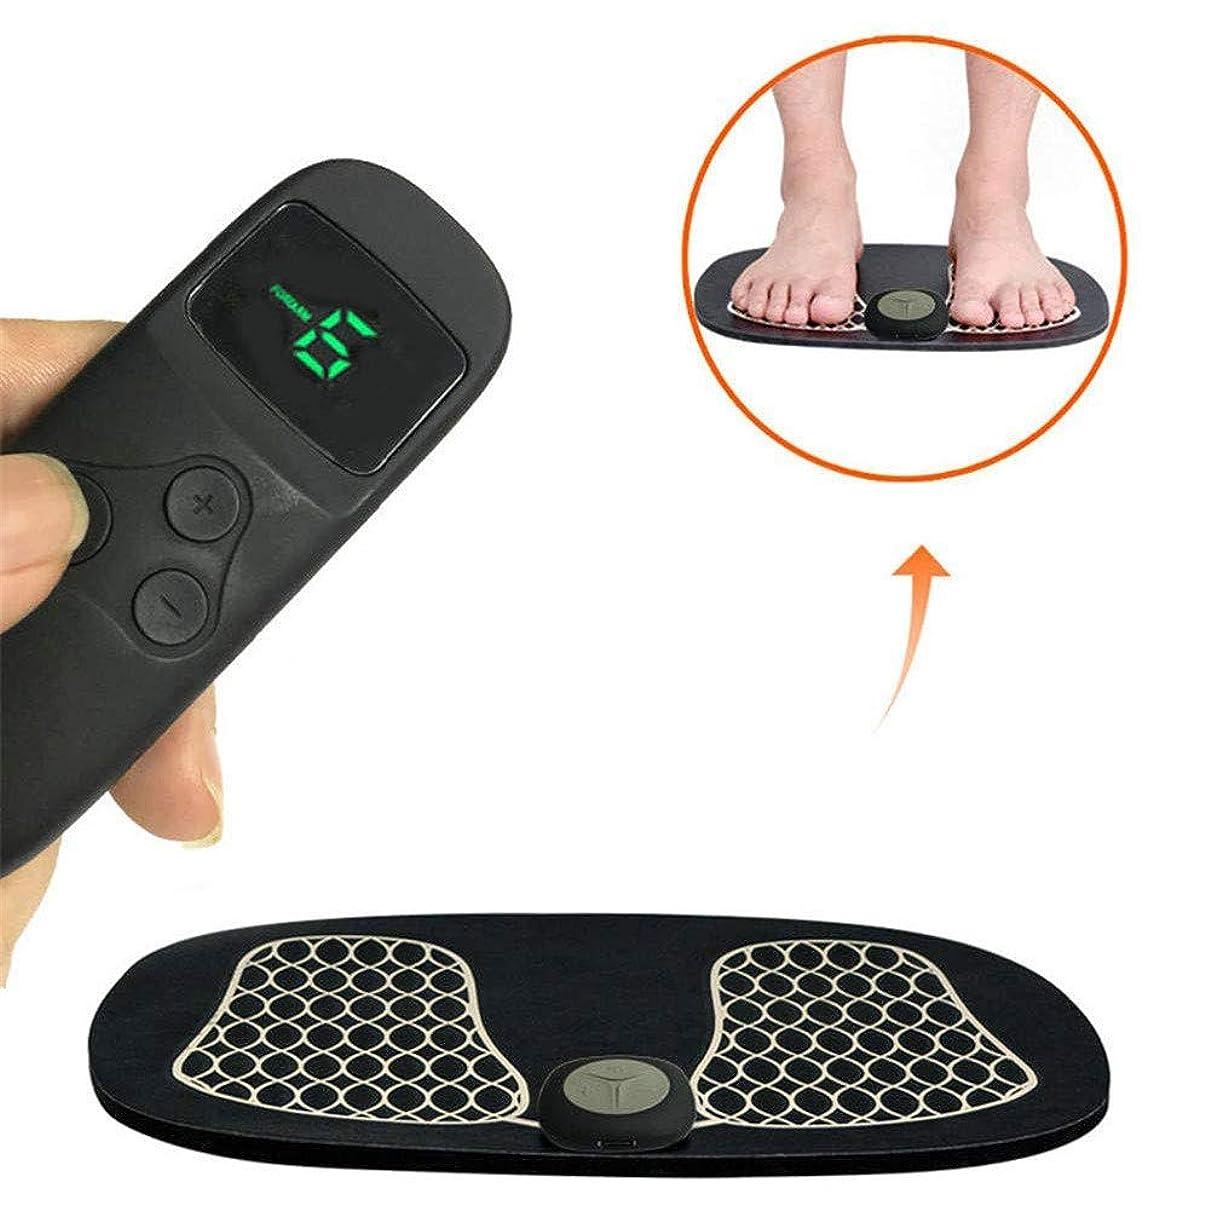 不正川濃度EMSフットフィット、フットトリートメントマッサージのための足の筋肉マッサージ刺激装置理学療法は、痛みを軽減し、疲労を軽減します